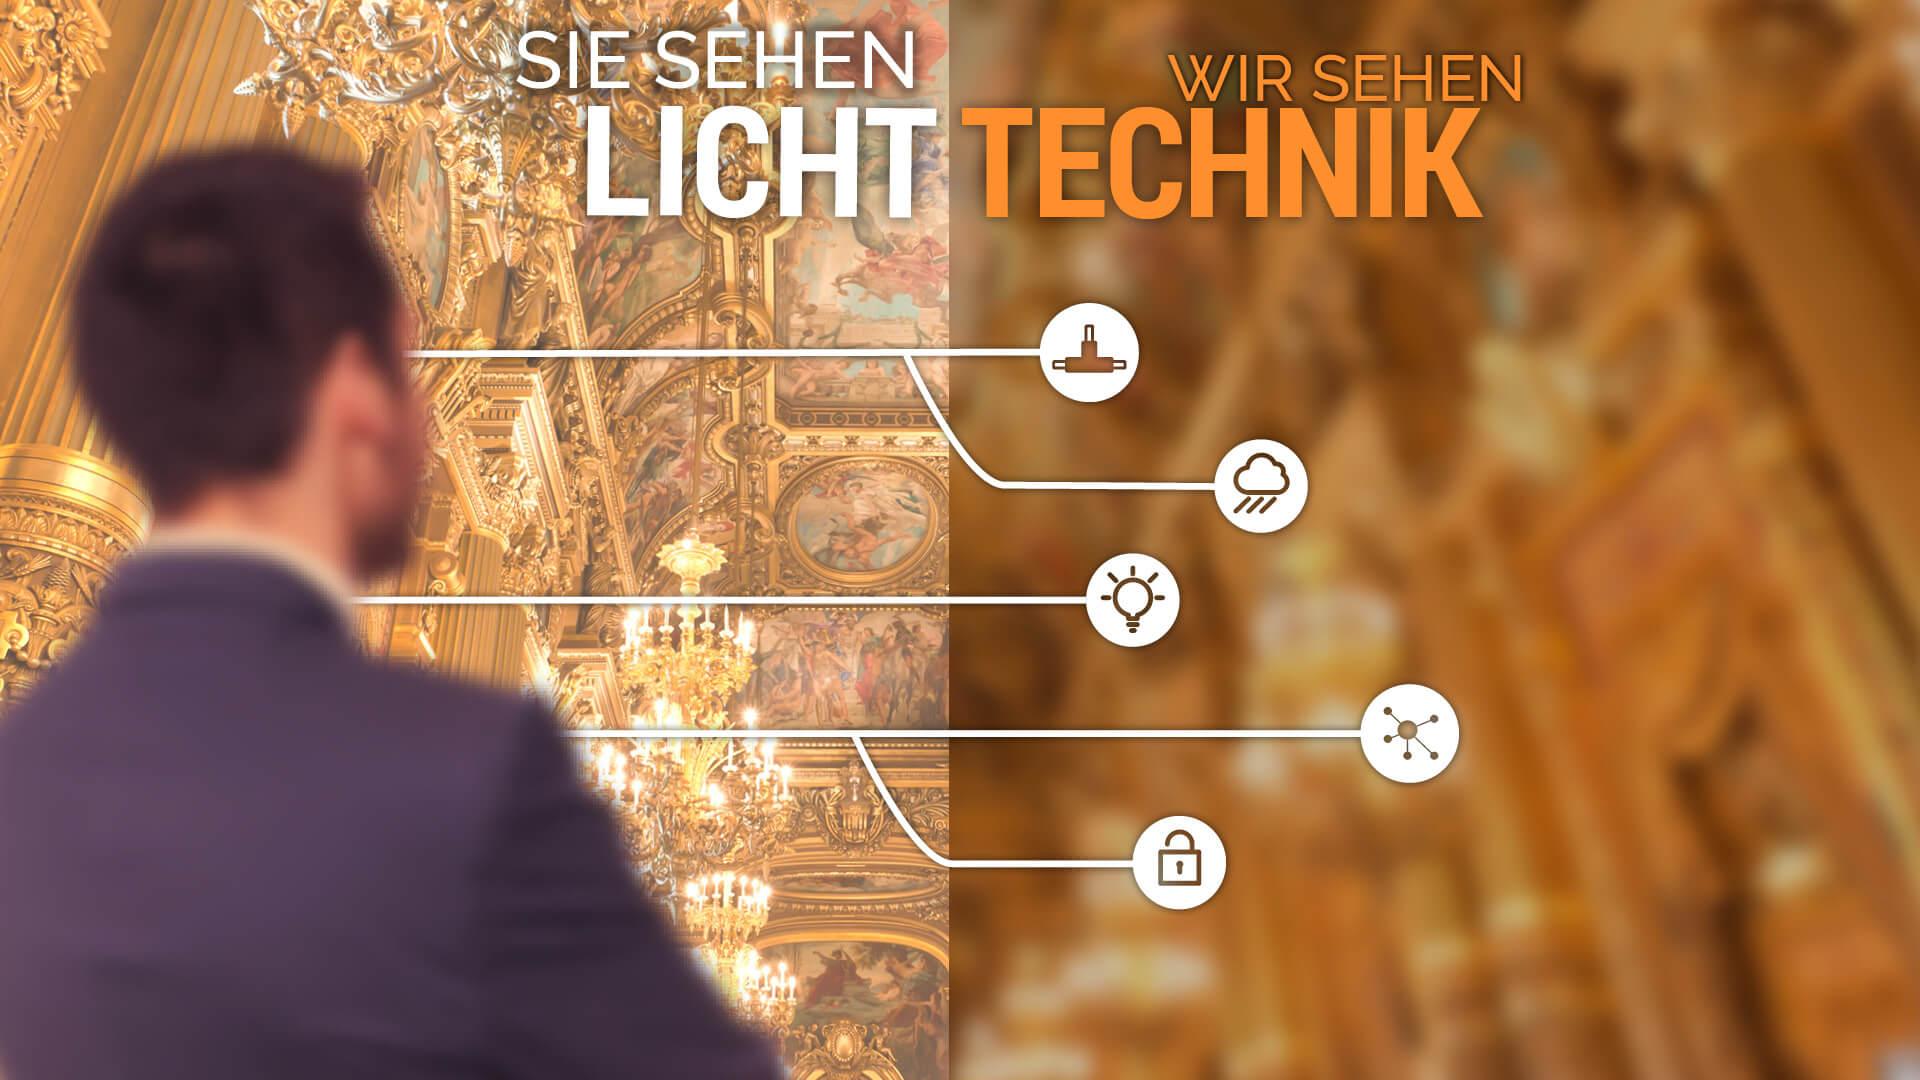 Sie sehen Licht - Wir sehen Technik